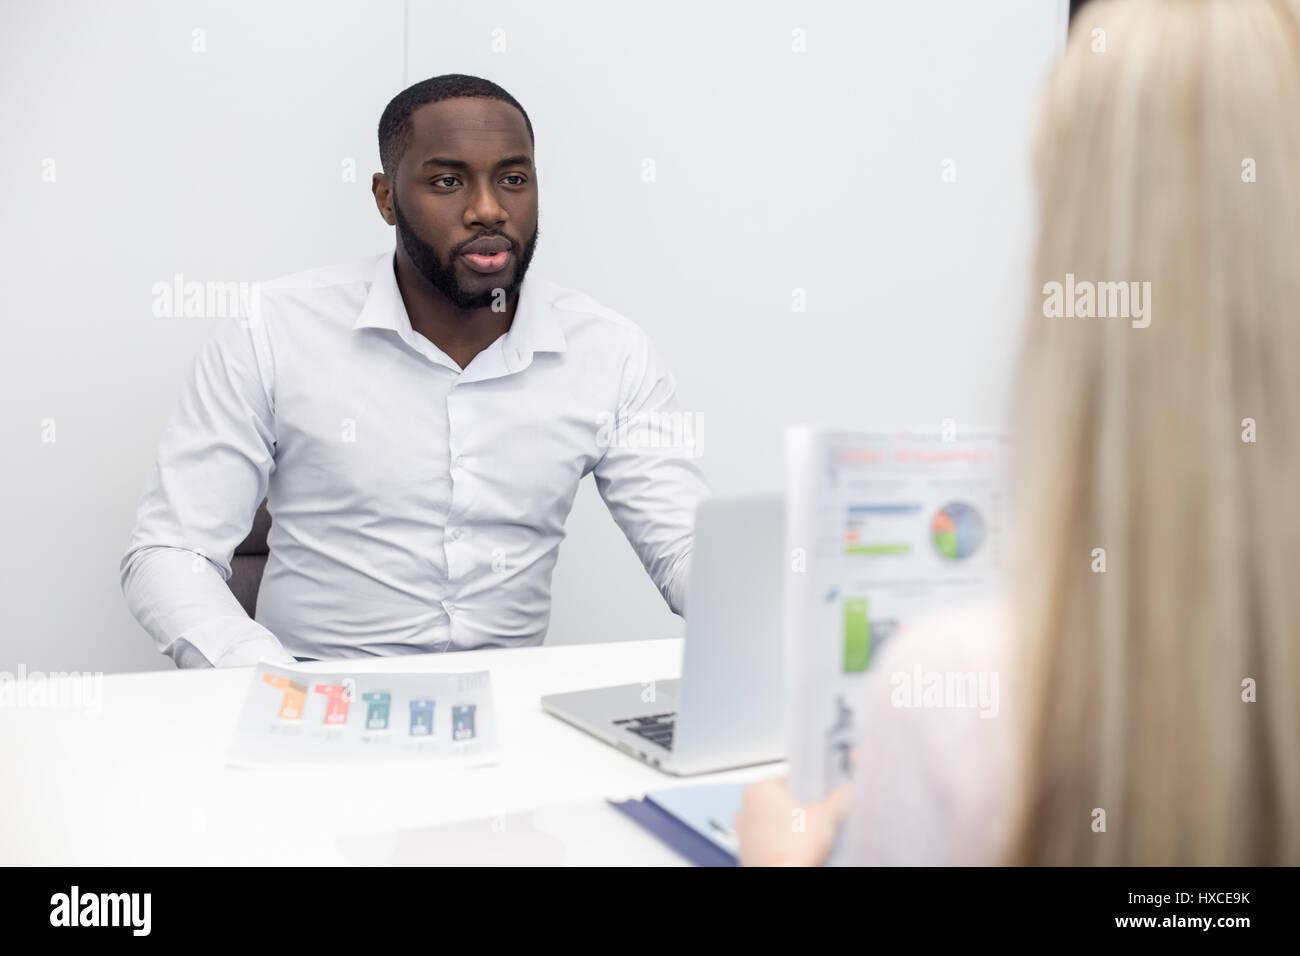 Les gens de demande d'emploi Entrevue Concept Photo Stock